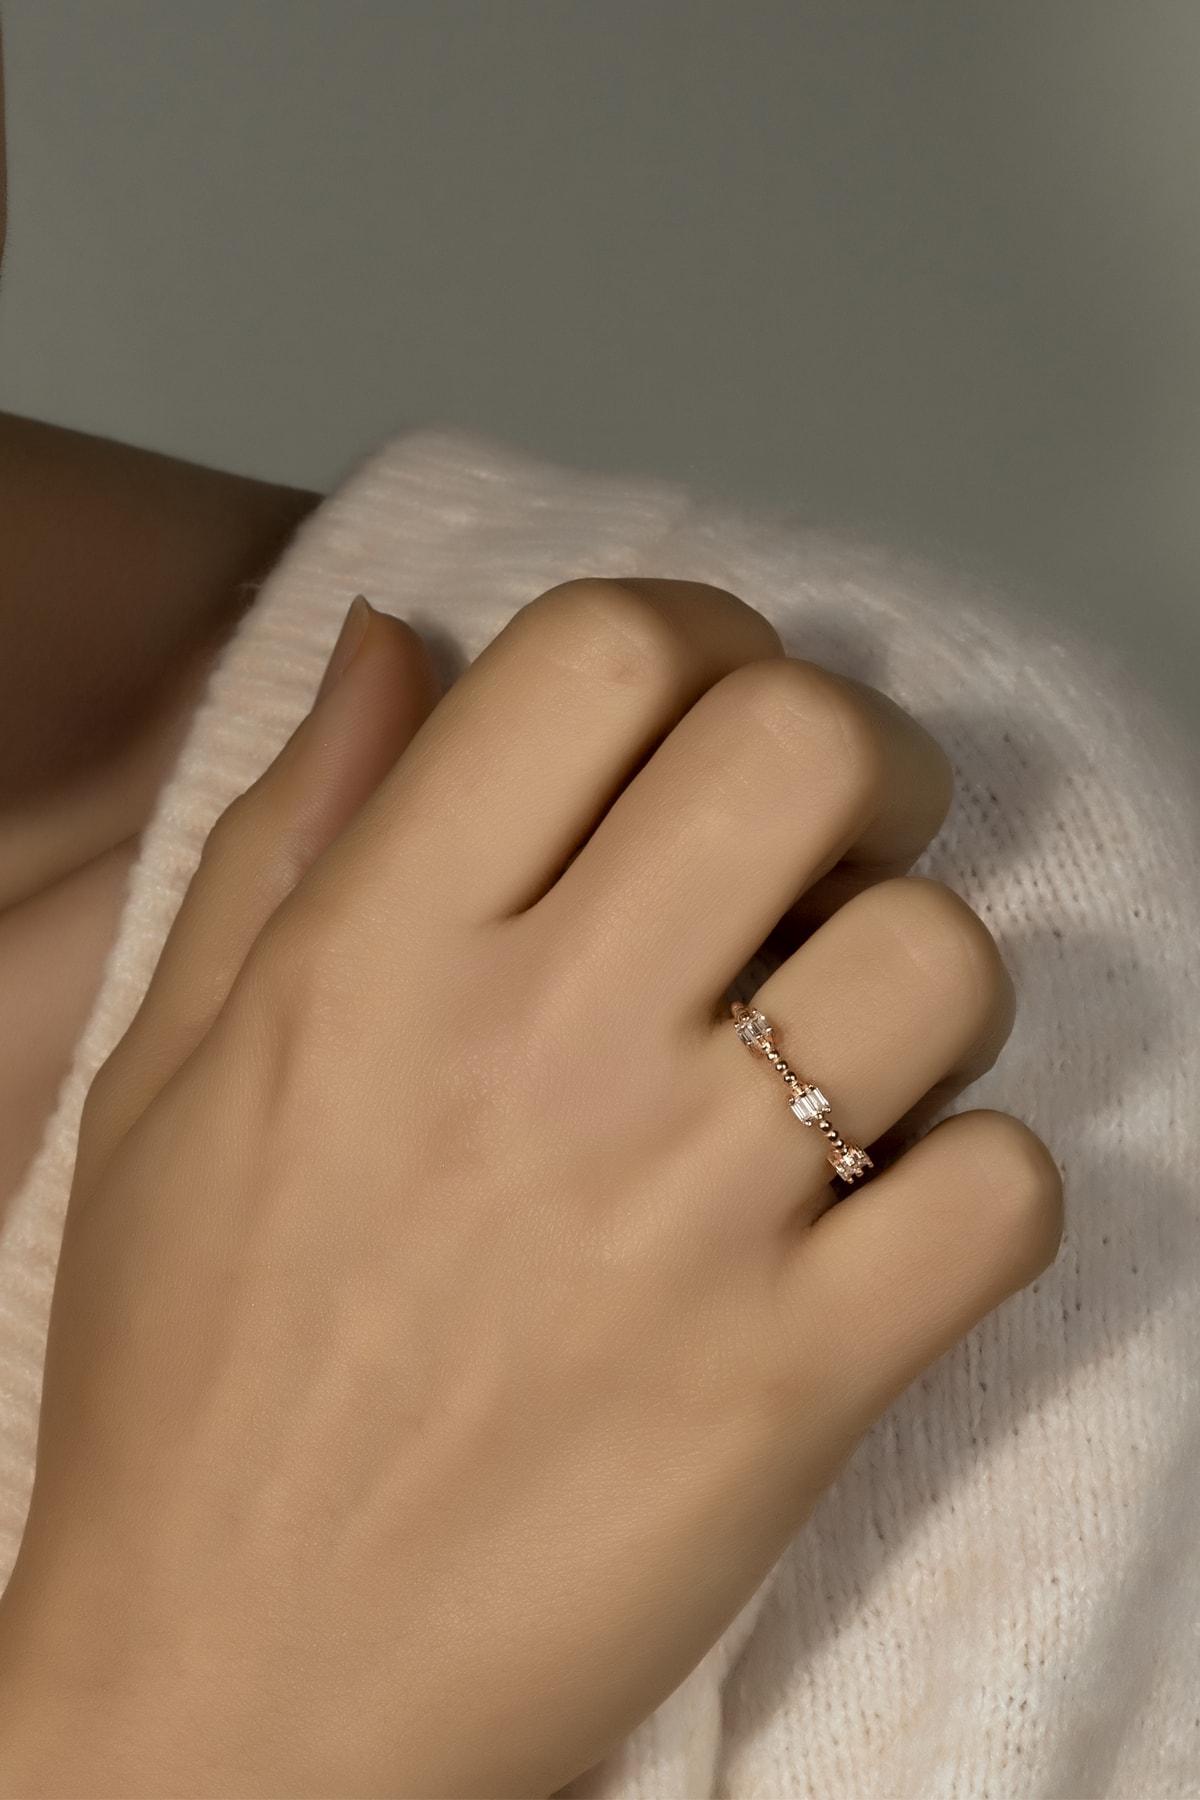 Else Silver Kadın Pırlanta Montör Baget Taşlı Mini Gümüş Yüzük 1